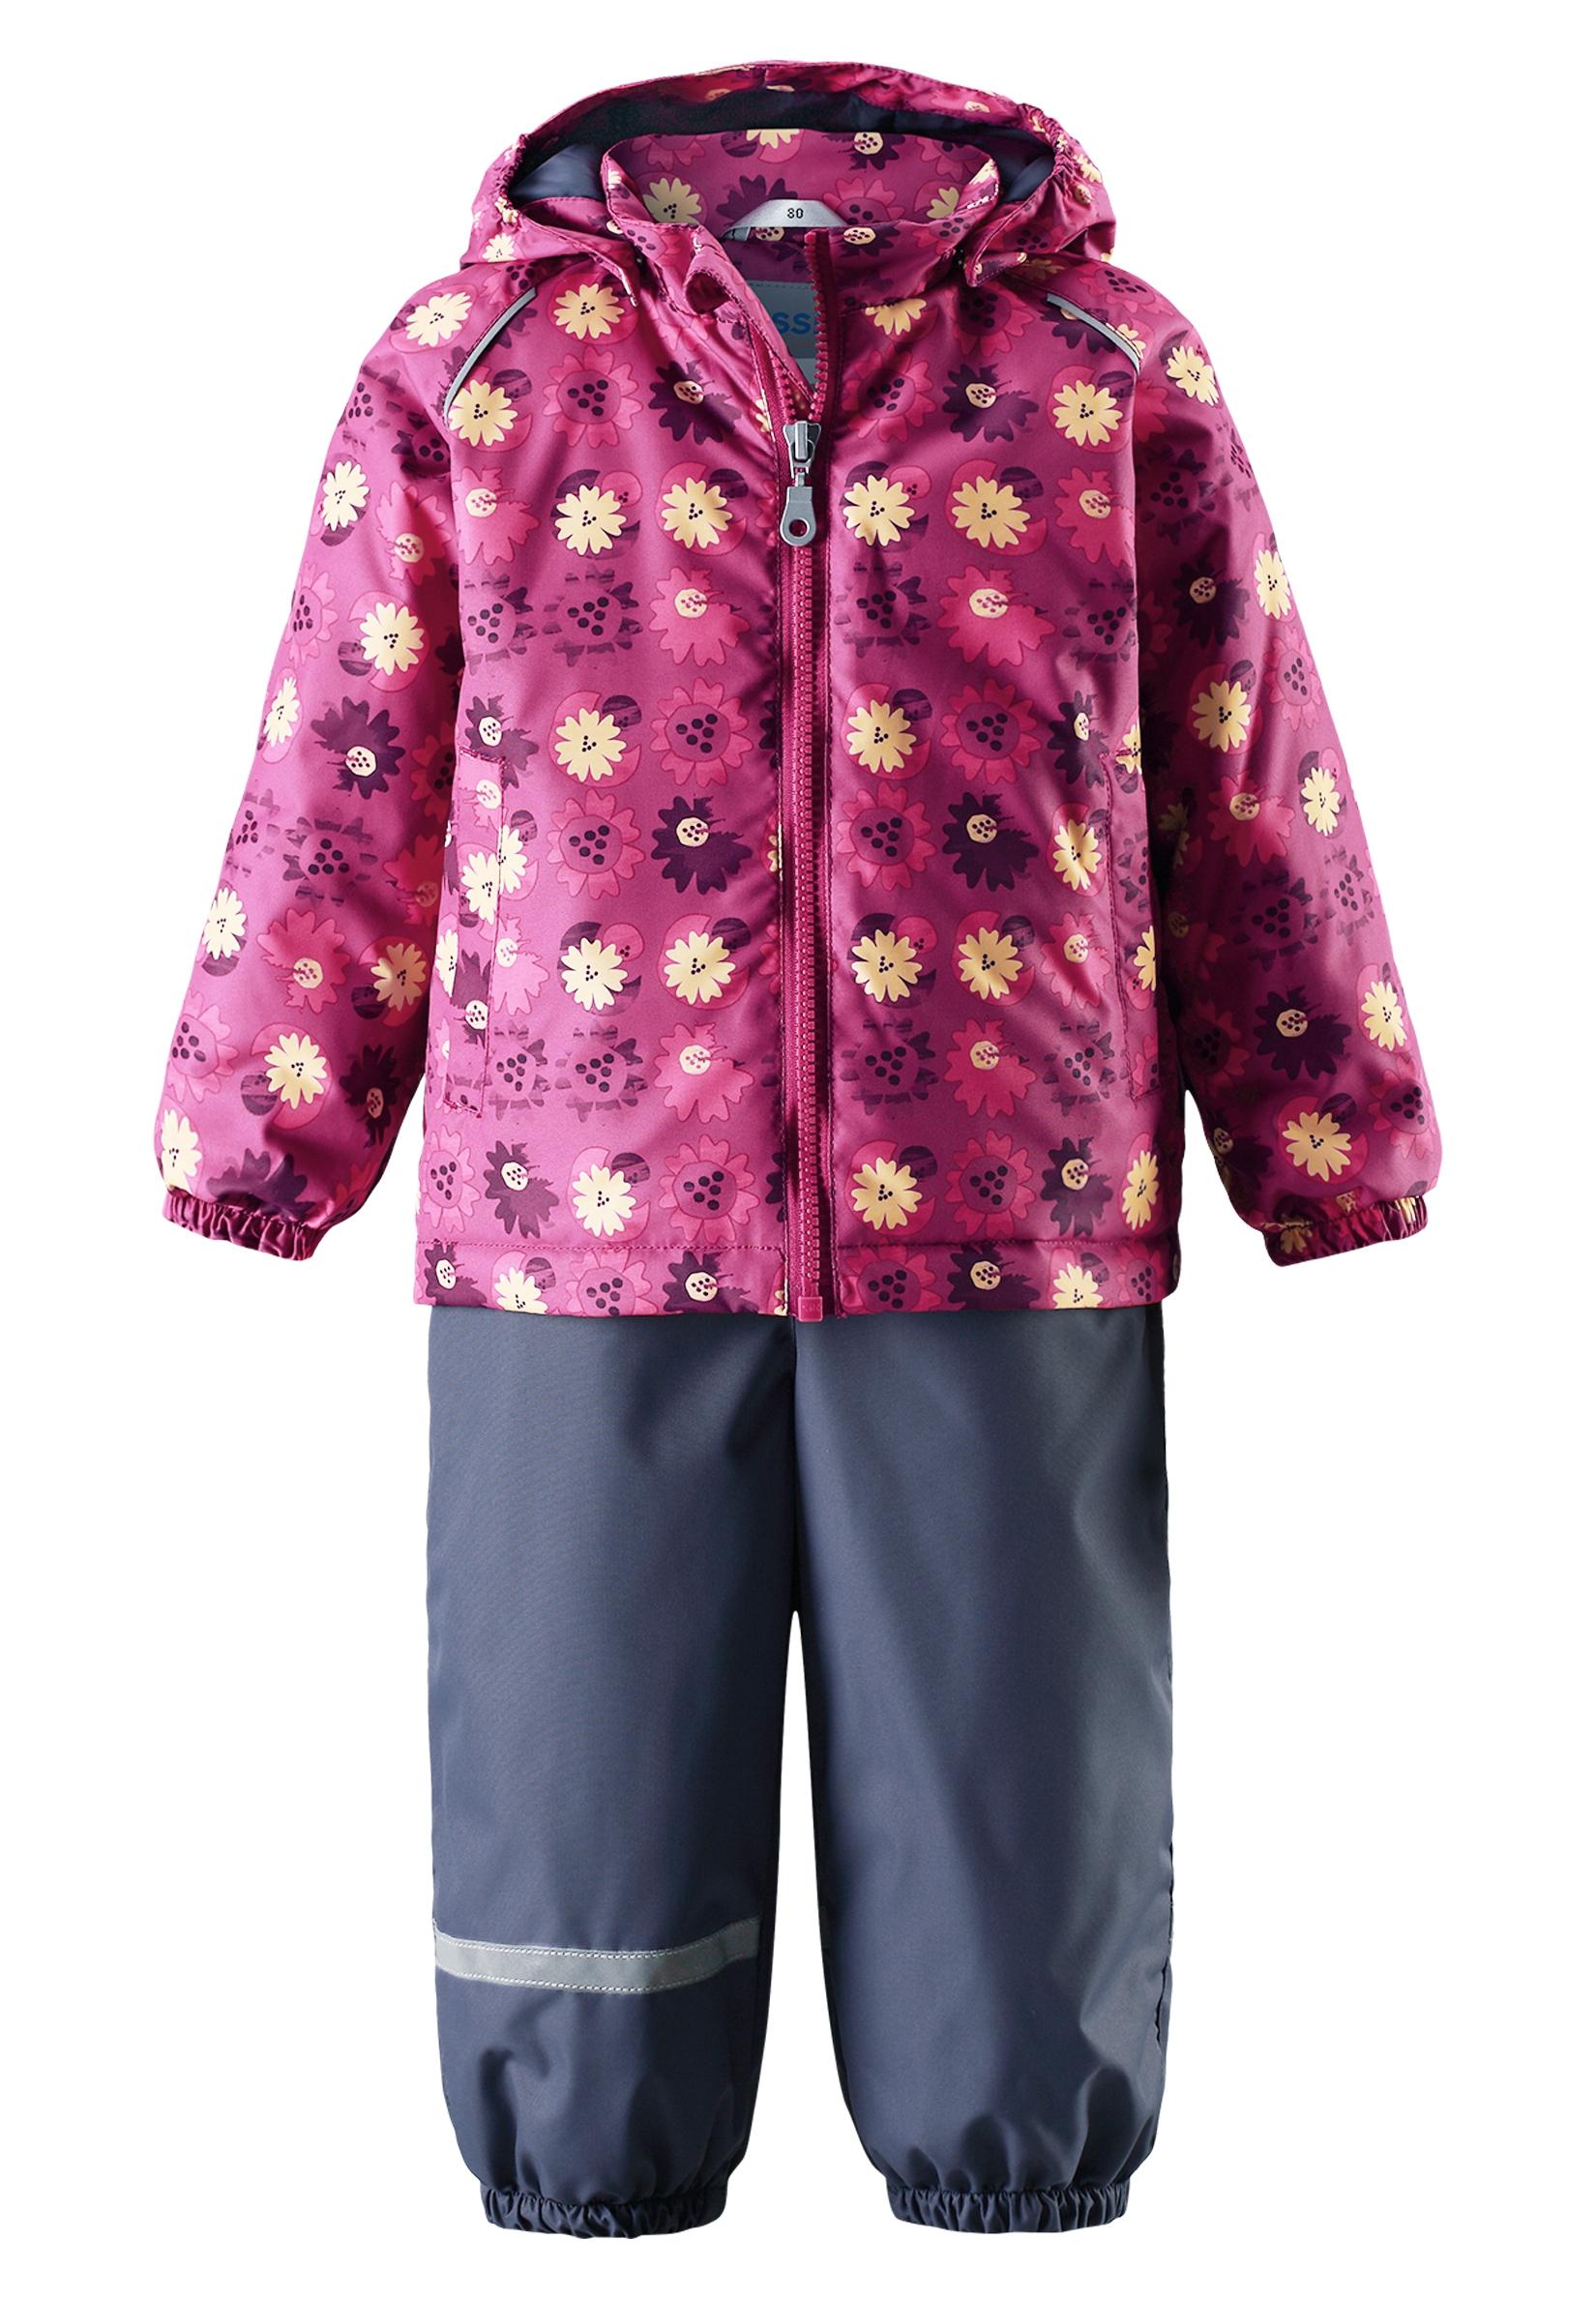 Купить Комплекты утепленные, Комплект для девочки Lassie by Reima, розовый, Китай, pink, Женский